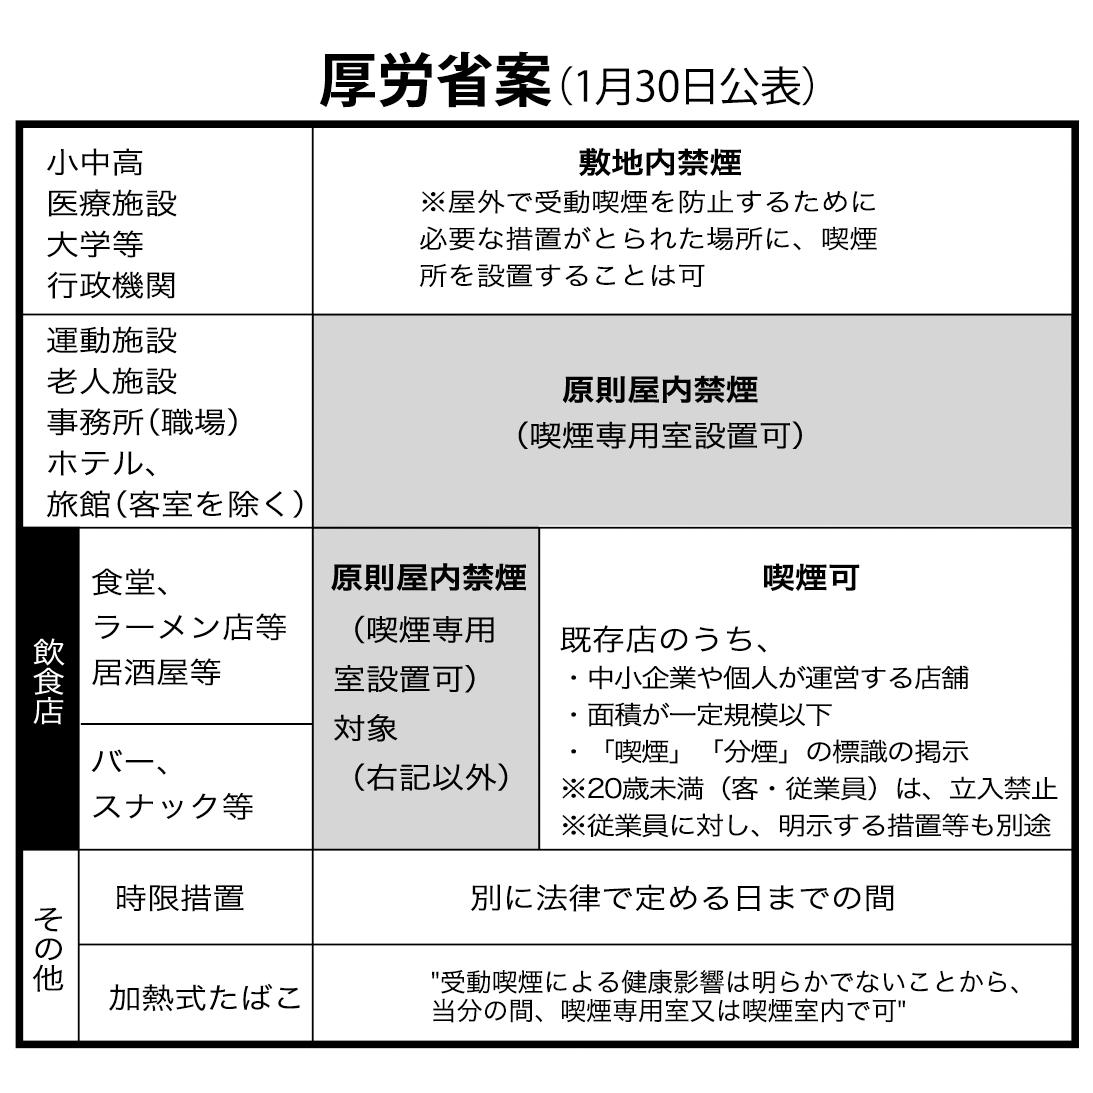 厚労省案は問題だらけ(C)日刊ゲンダイ